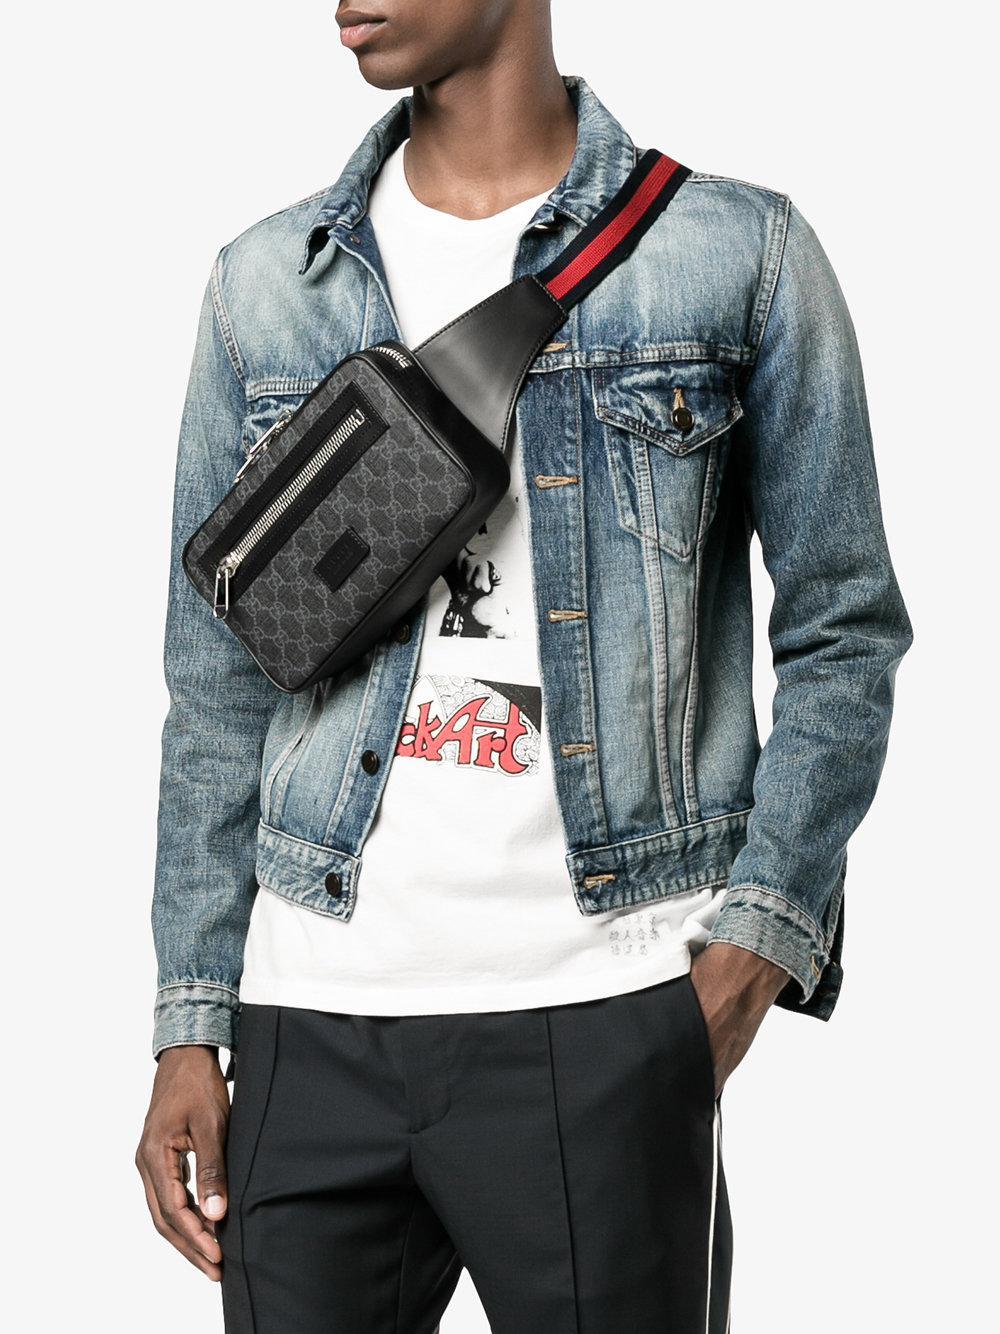 0c7a0d661274 Gucci Gg Supreme Belt Bag in Black for Men - Lyst